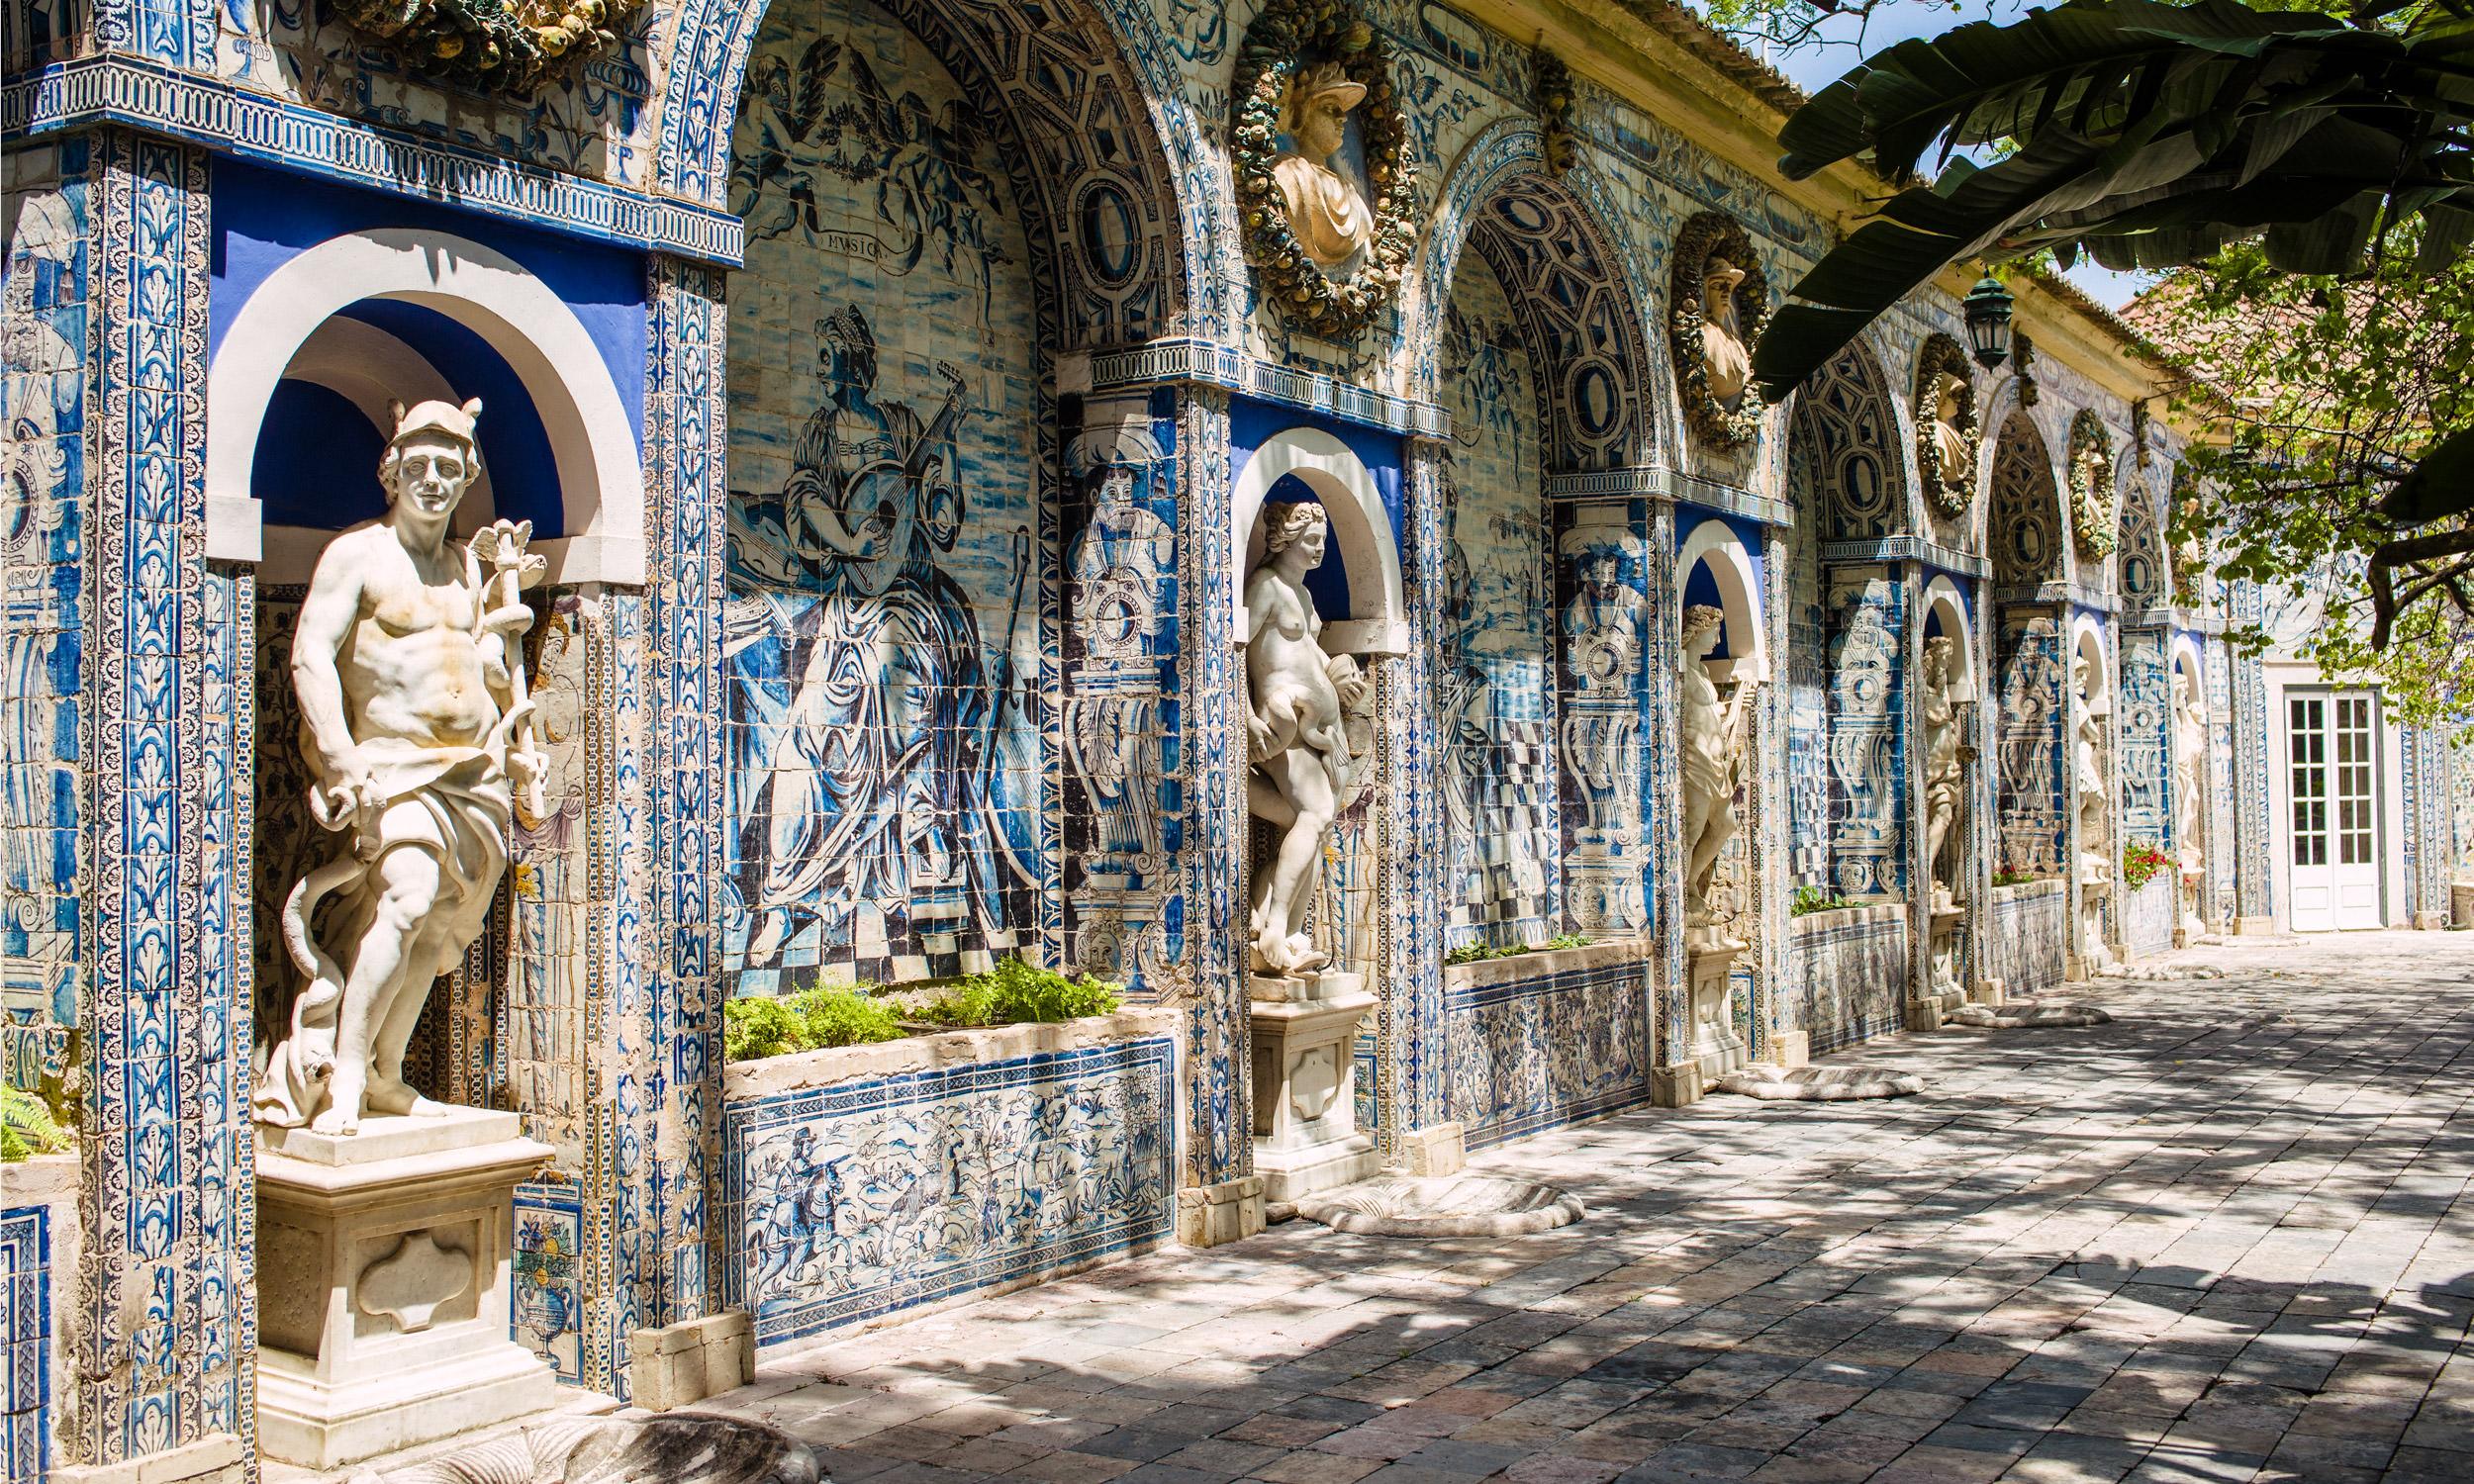 Pałac Fronteira Lizbona